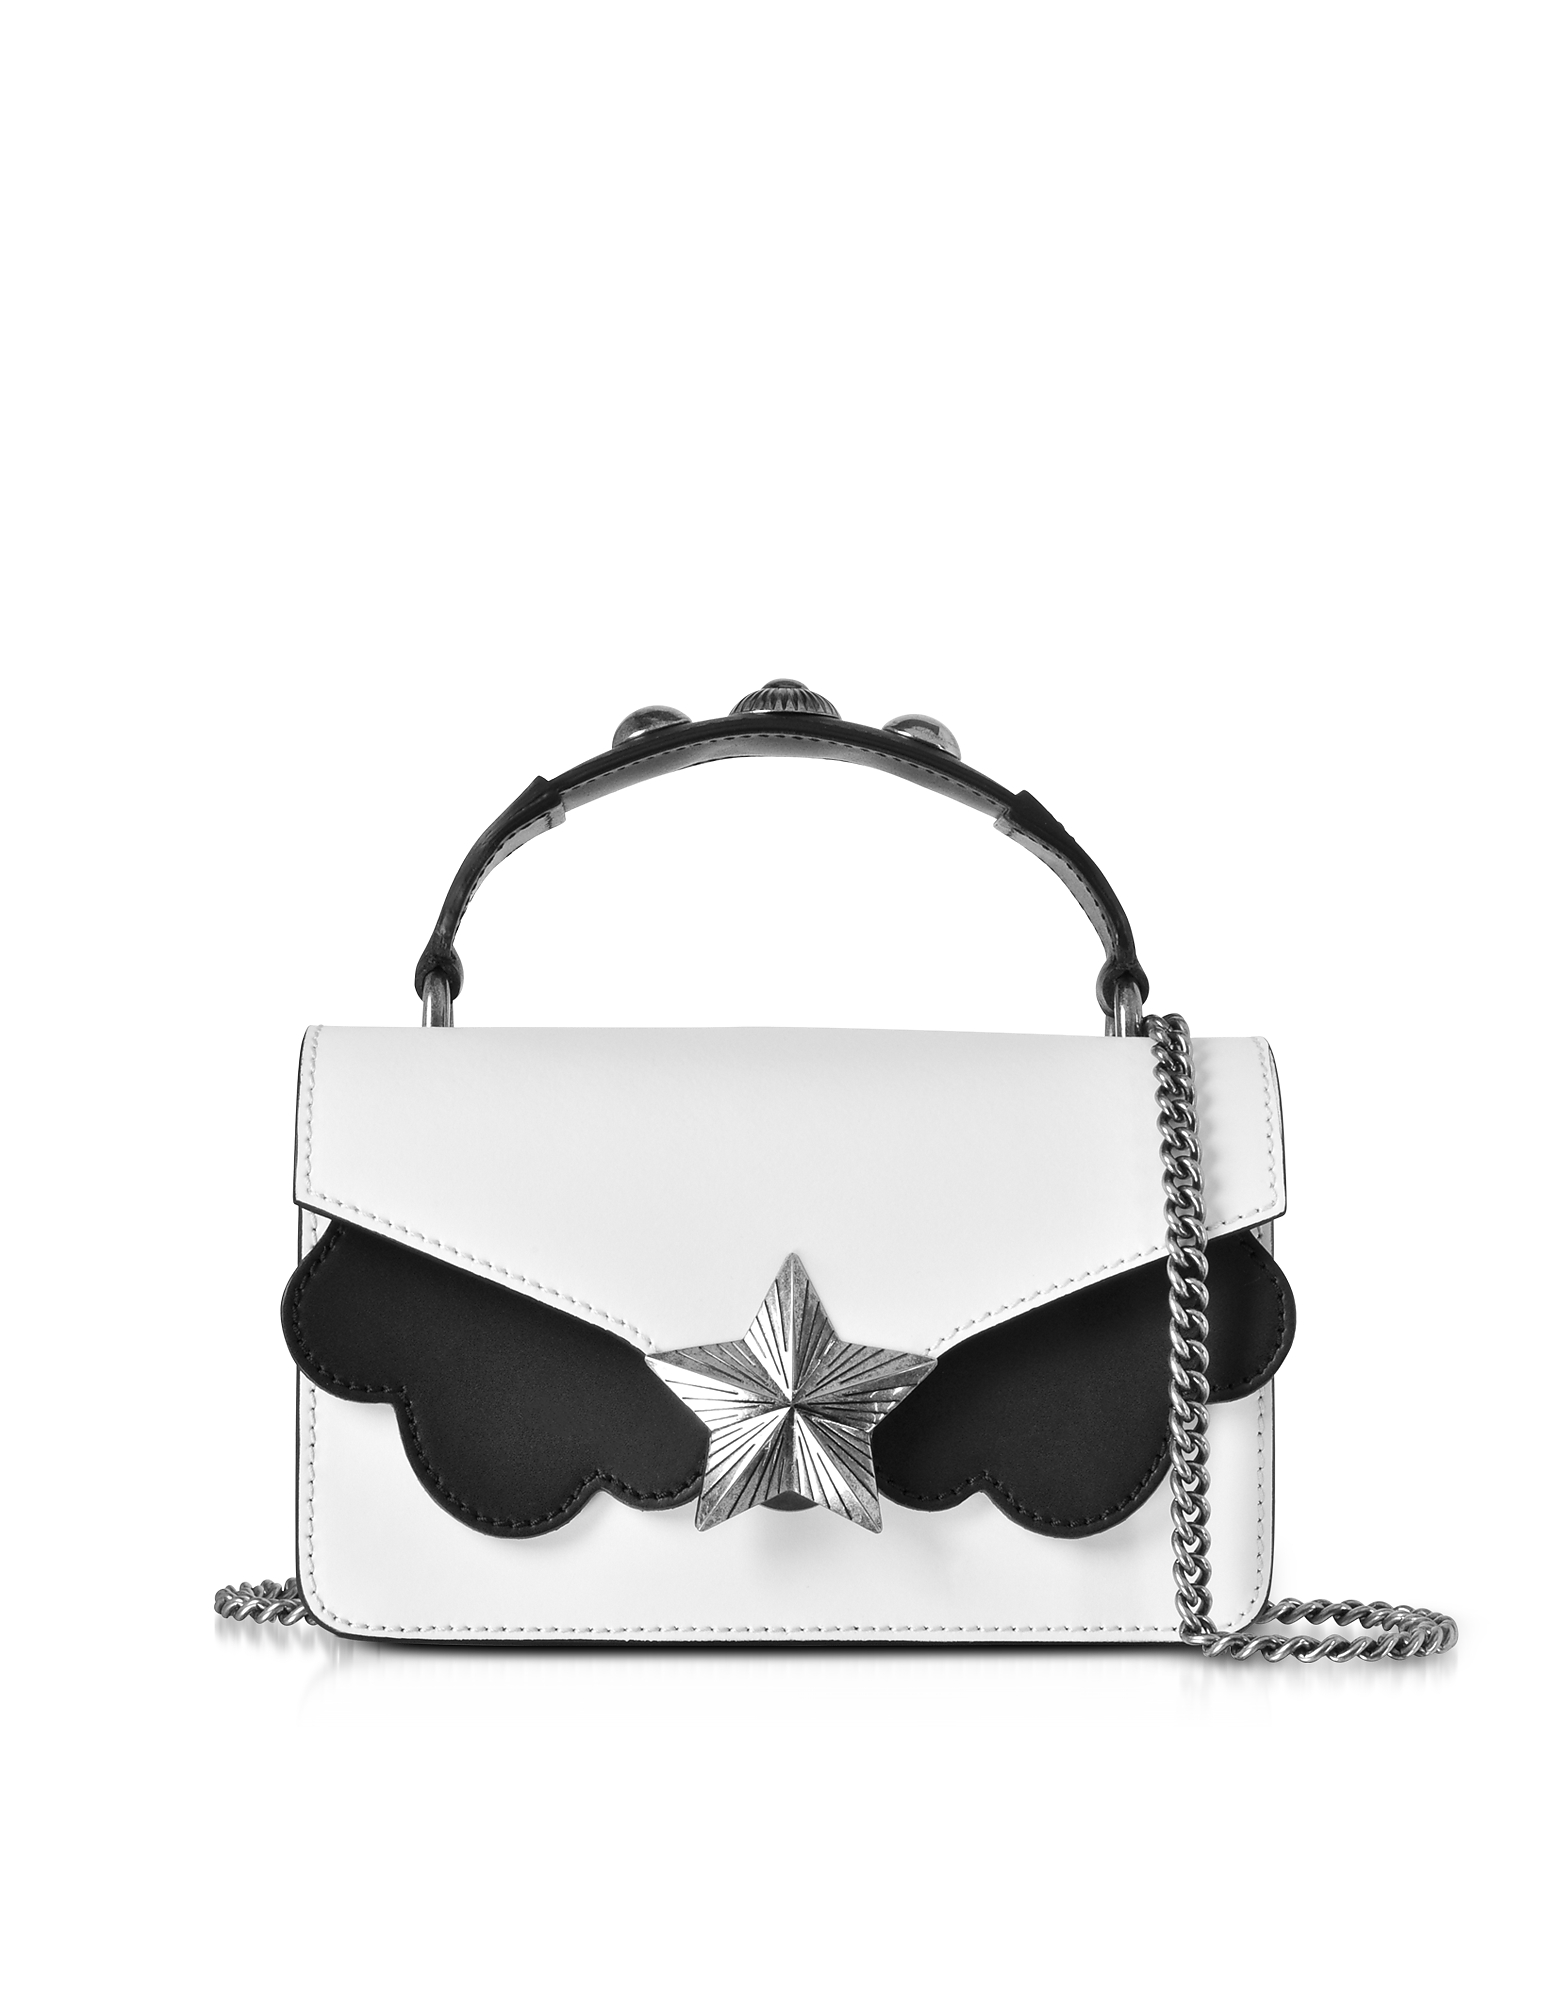 Les Jeunes Etoiles Handbags, White & Black Leather Vega Mini Shoulder Bag